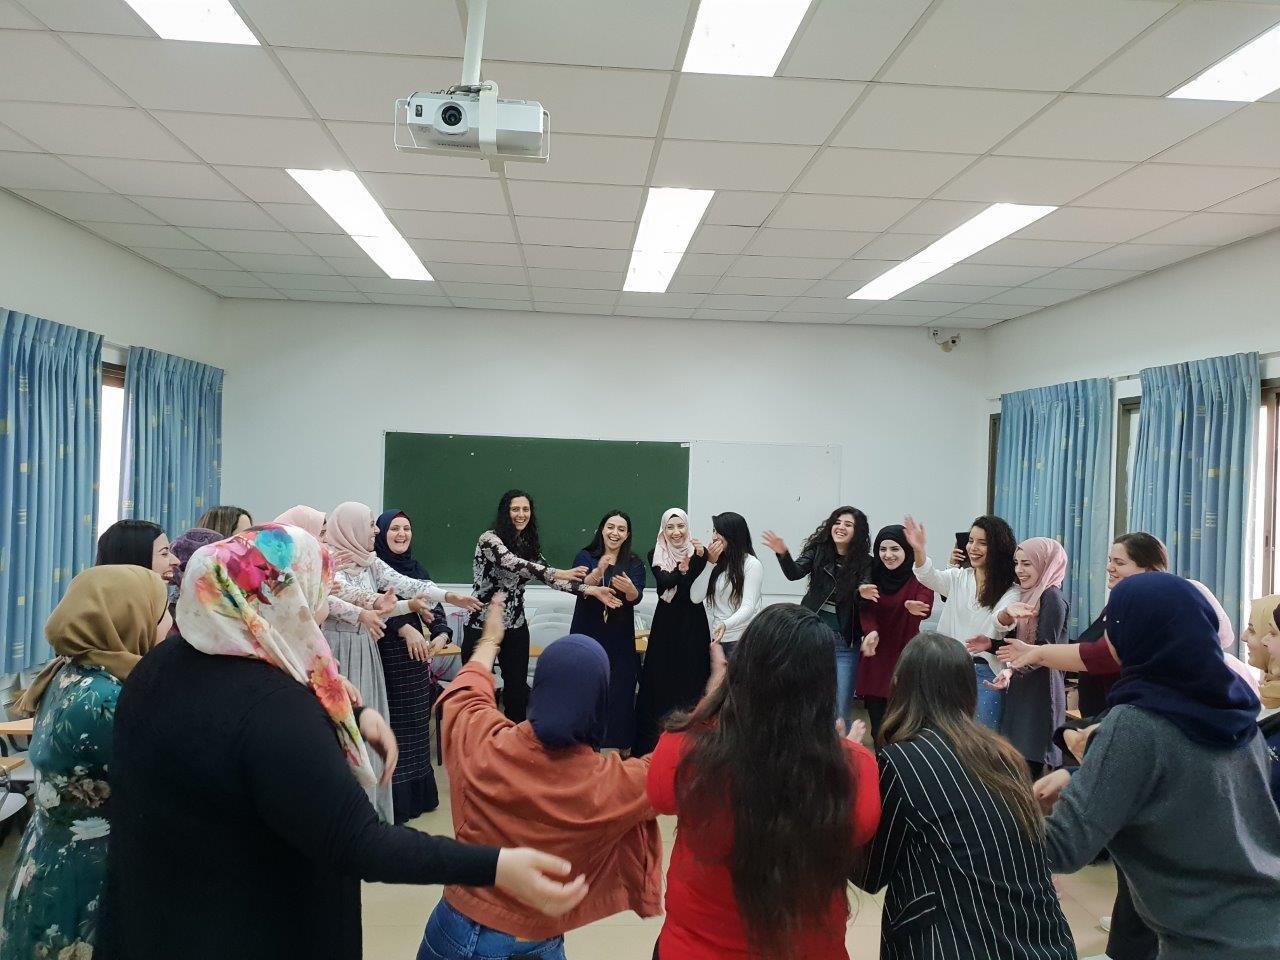 المعهد الأكاديمي العربي للتربية في كلية بيت بيرل يعقد يومًا دراسيًّا حول الموسيقى والتربية في مرحلة الطفولة المبكرة